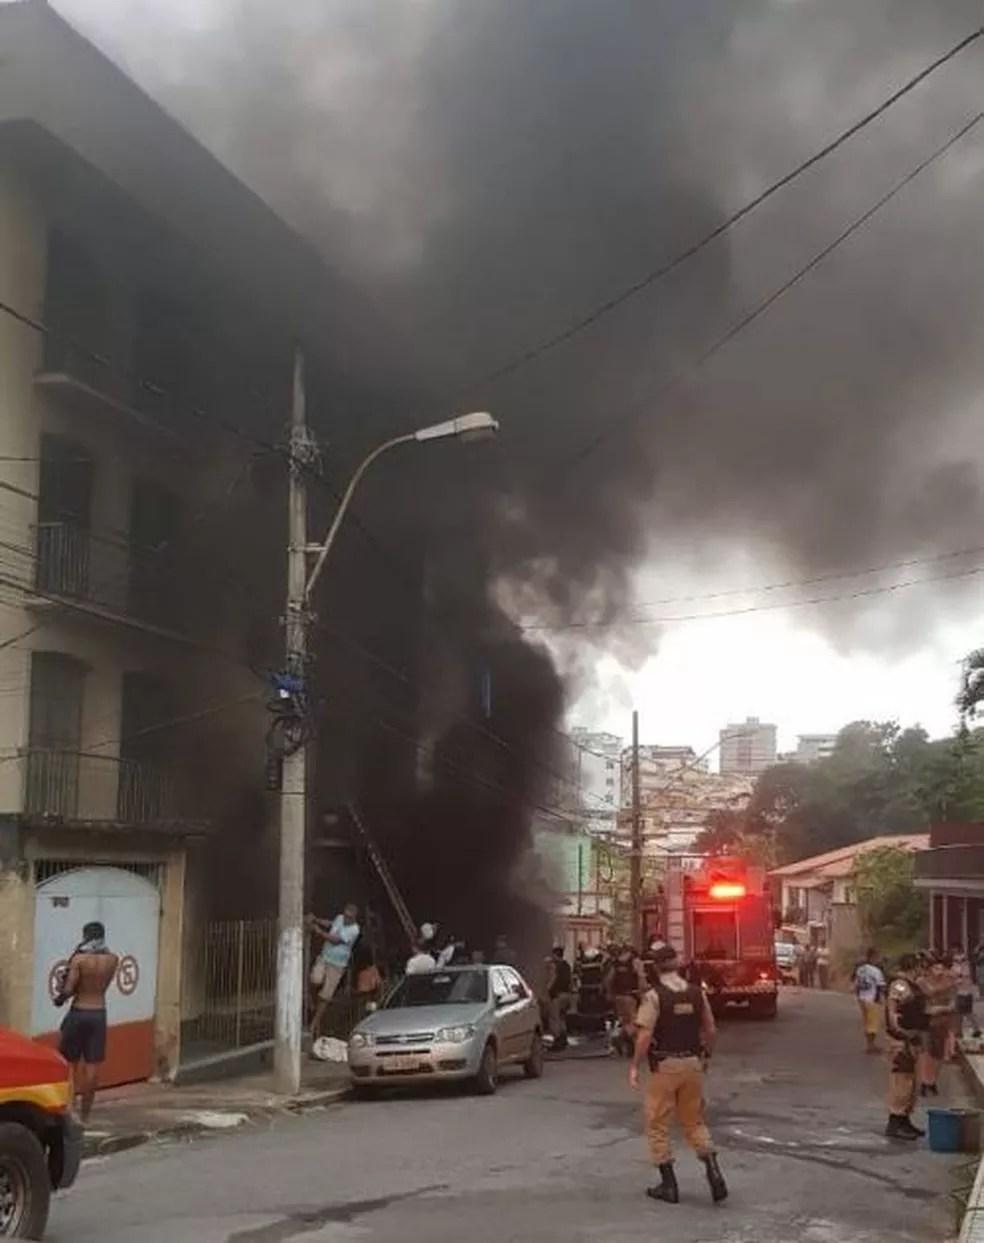 Equipes combatem incêndio em edificação em Barbacena — Foto: Portal Barbacena Online/Reprodução